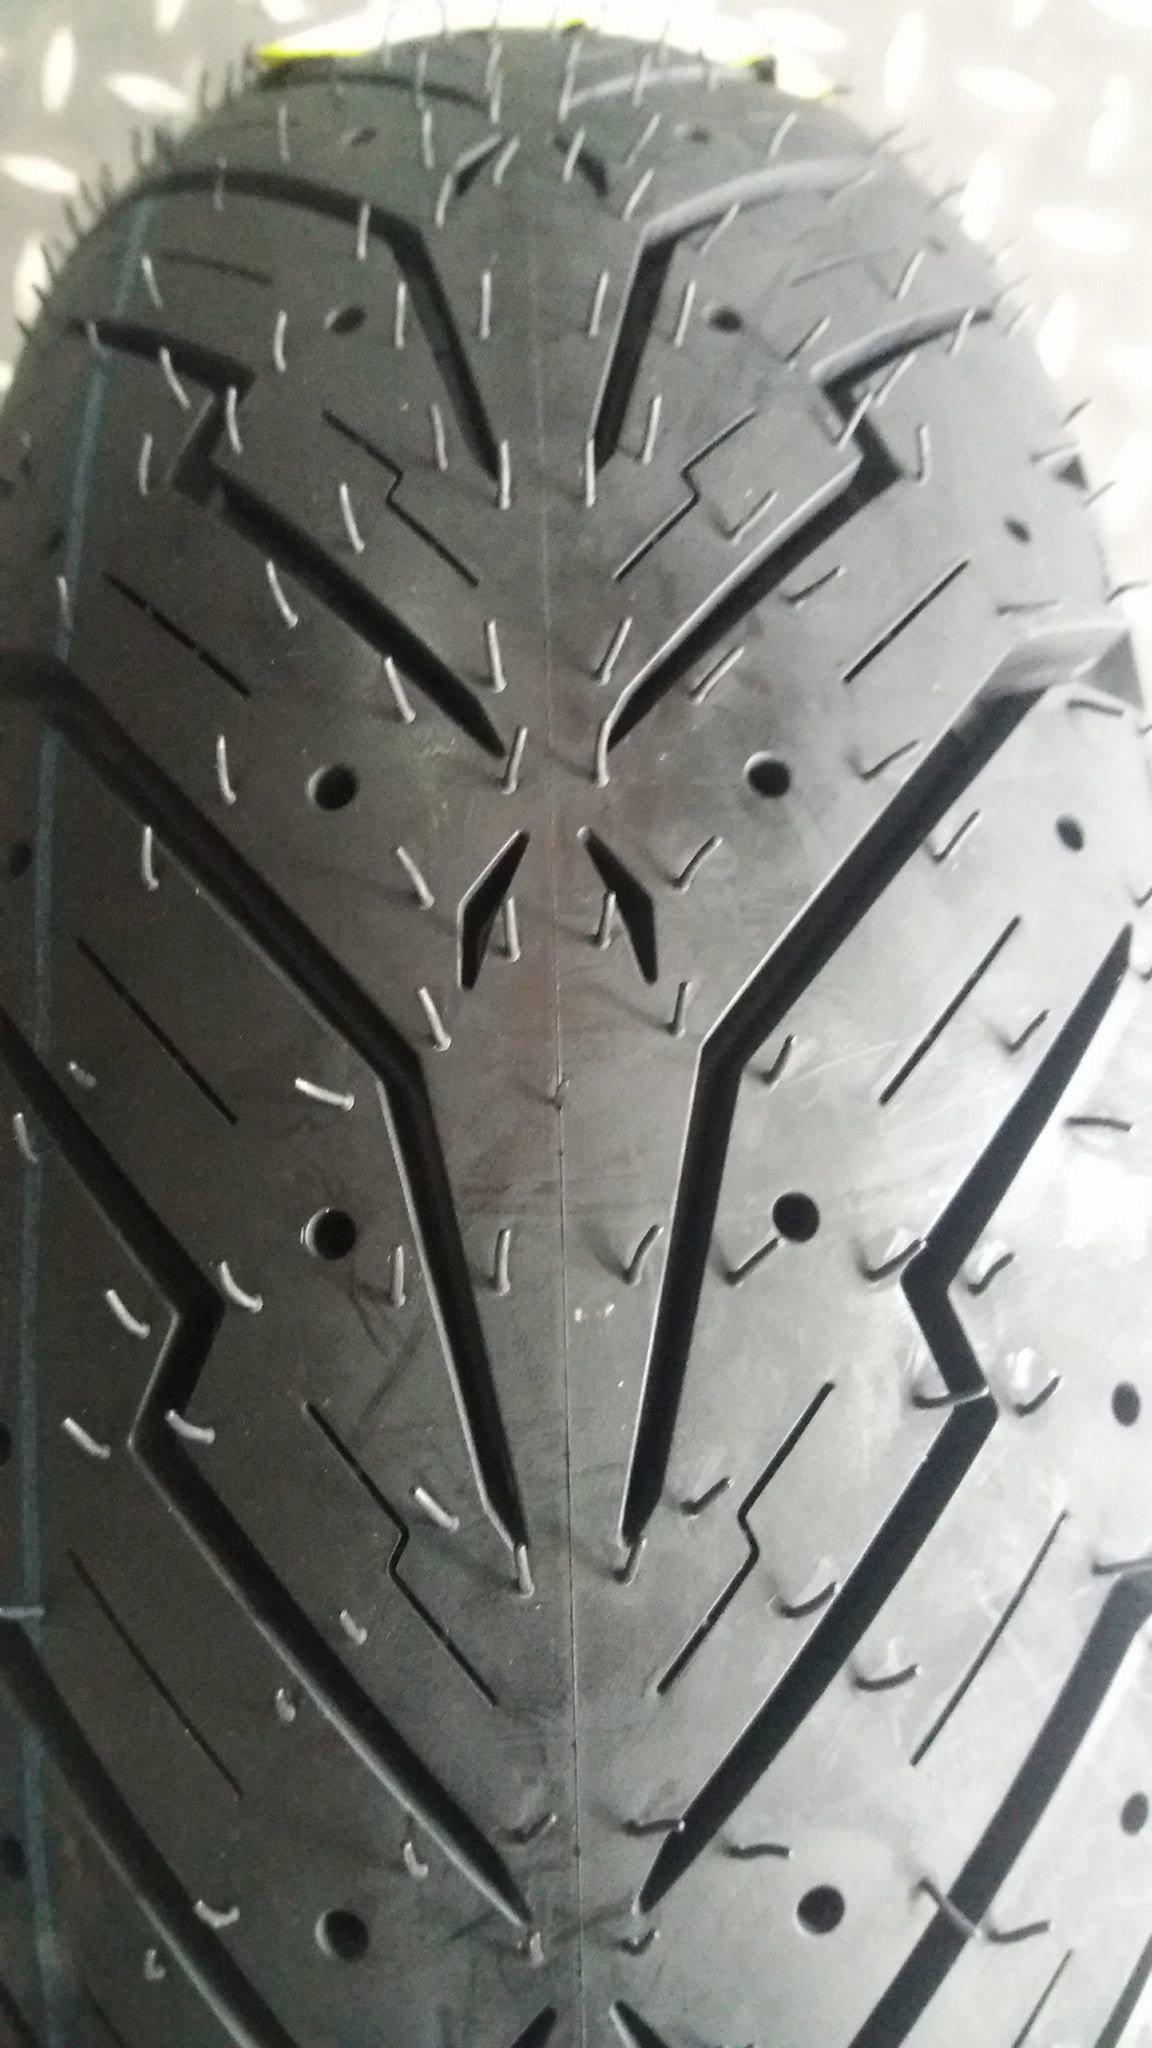 欣輪車業 全台最便宜 倍耐力輪胎 天使胎  130/70-13 裝2500元 SMAX FORCE